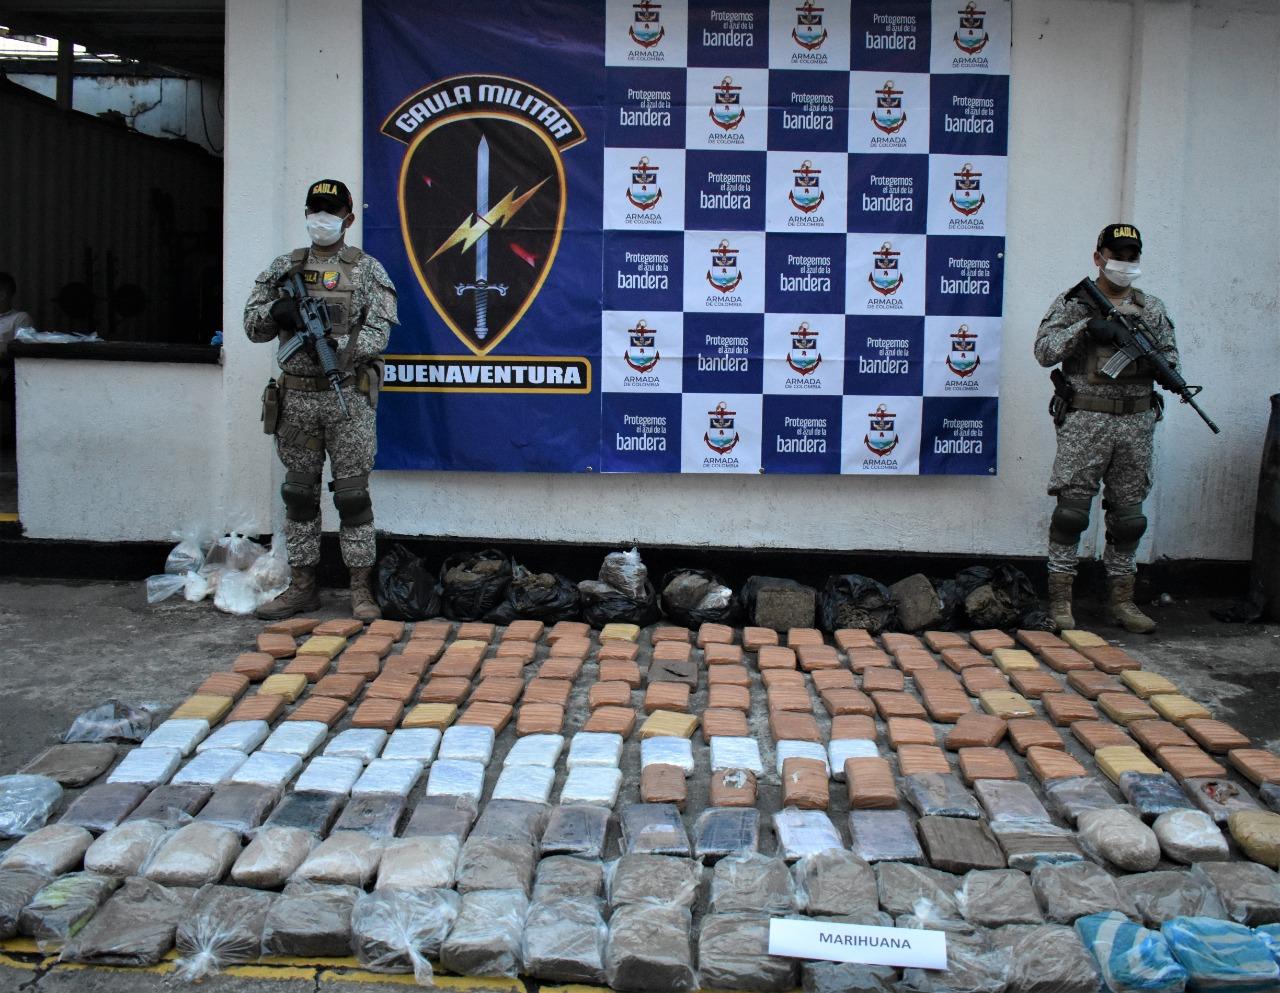 Incautan 140 kilos de alcaloides en sector aledaño a una vivienda de Buenaventura